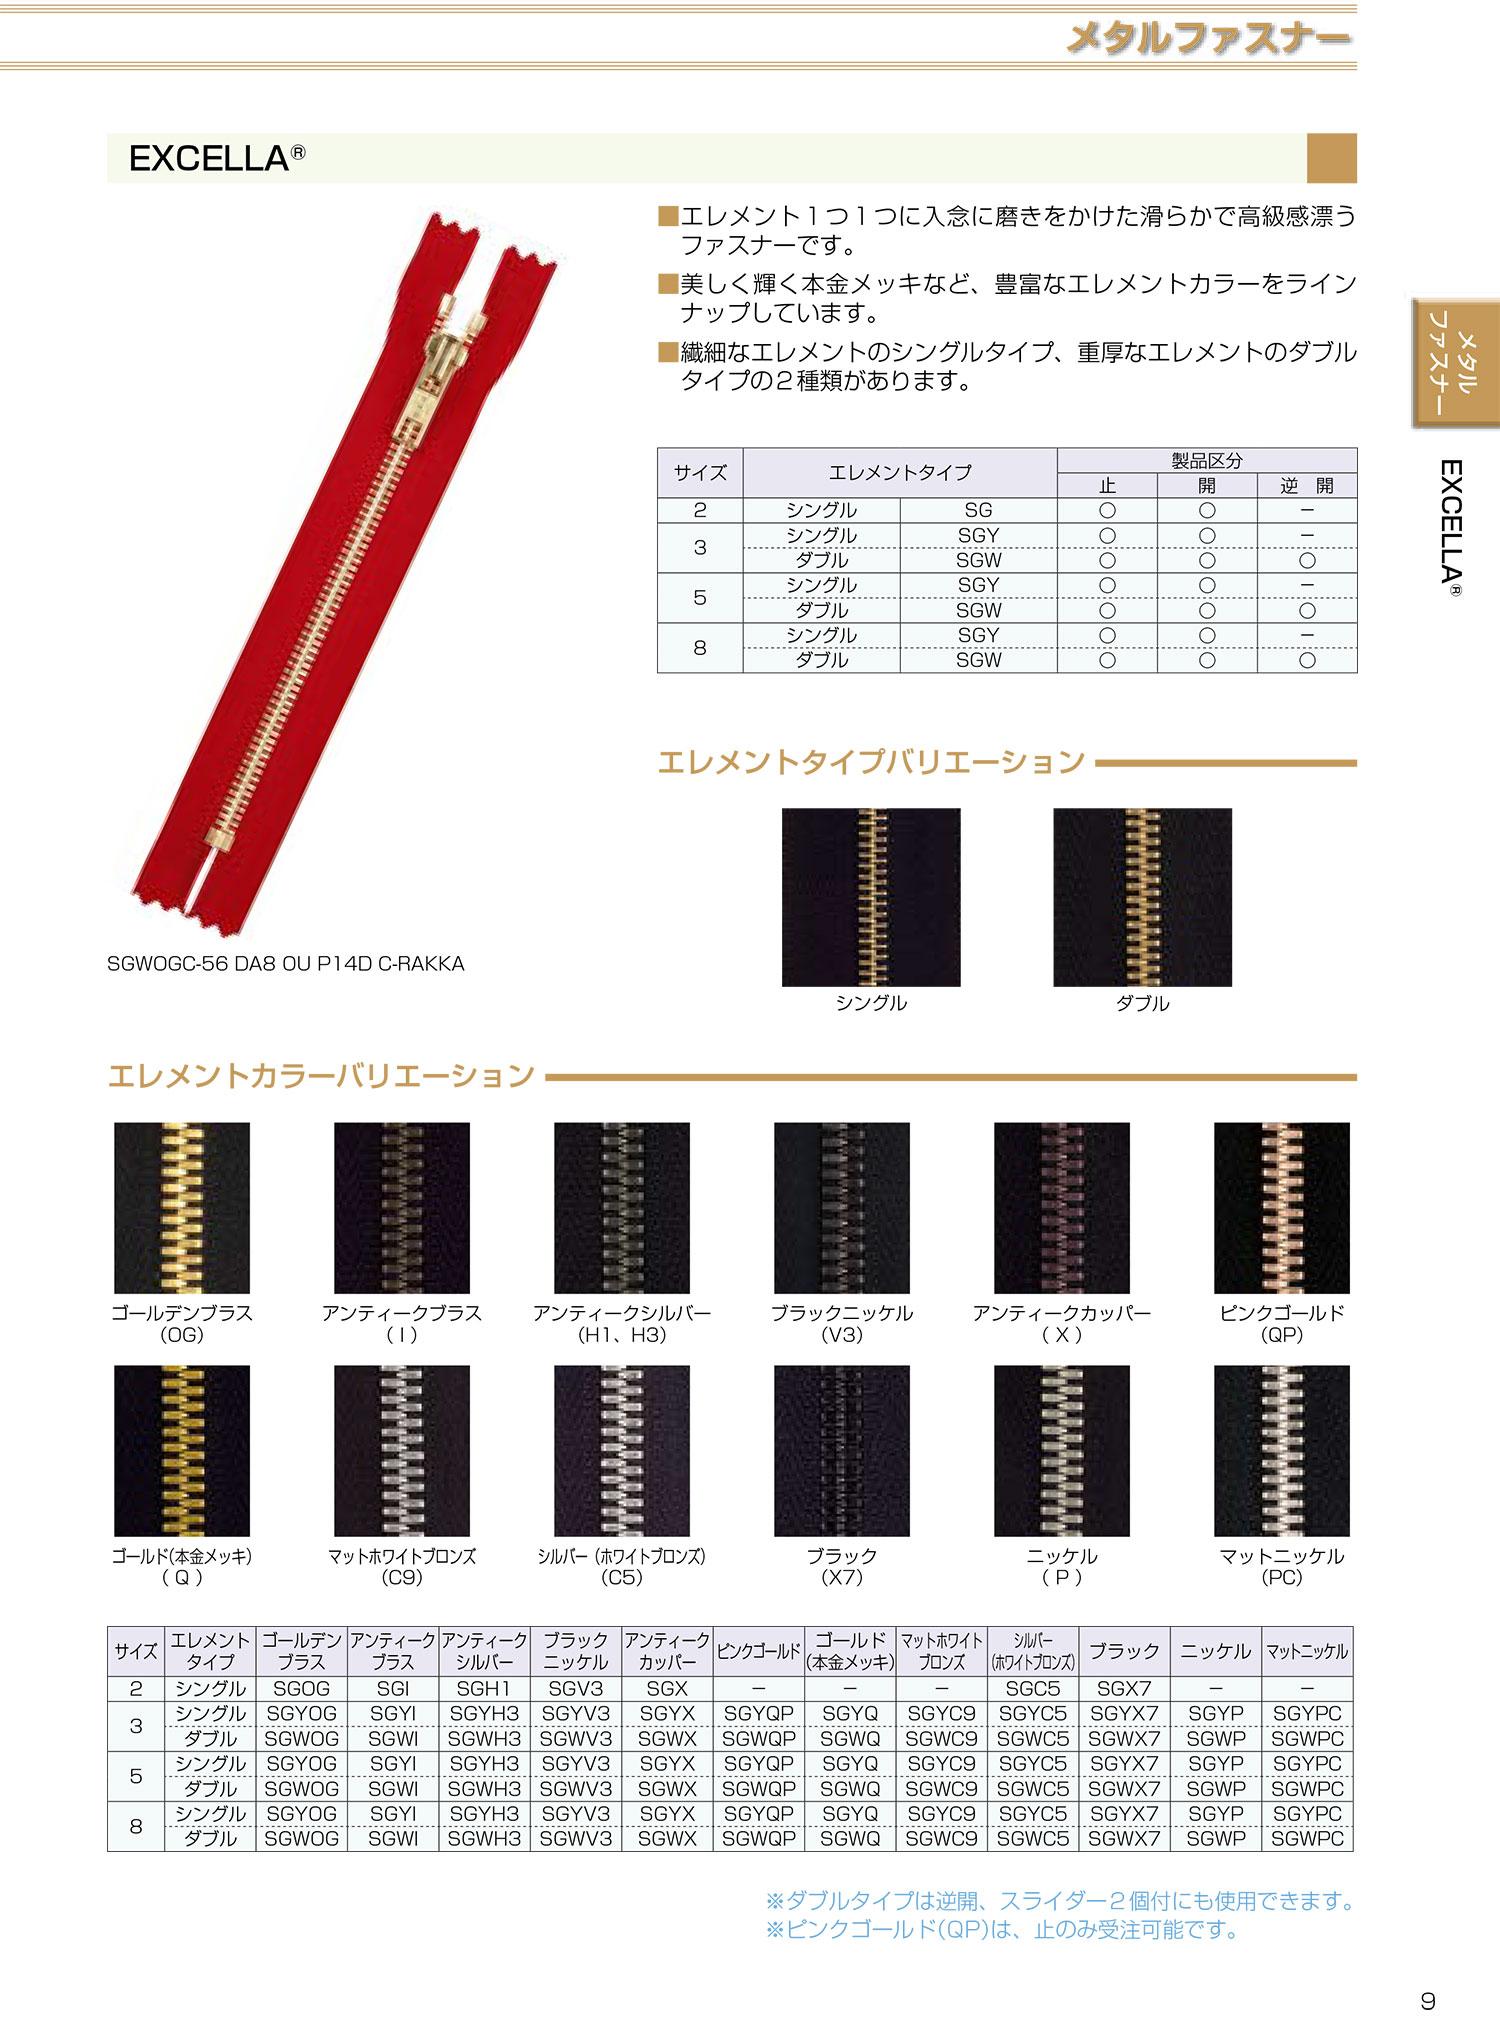 8SGWIMR エクセラ 8サイズ アンティークブラス 逆開 ダブル[ファスナー] YKK/オークラ商事 - ApparelX アパレル資材卸通販